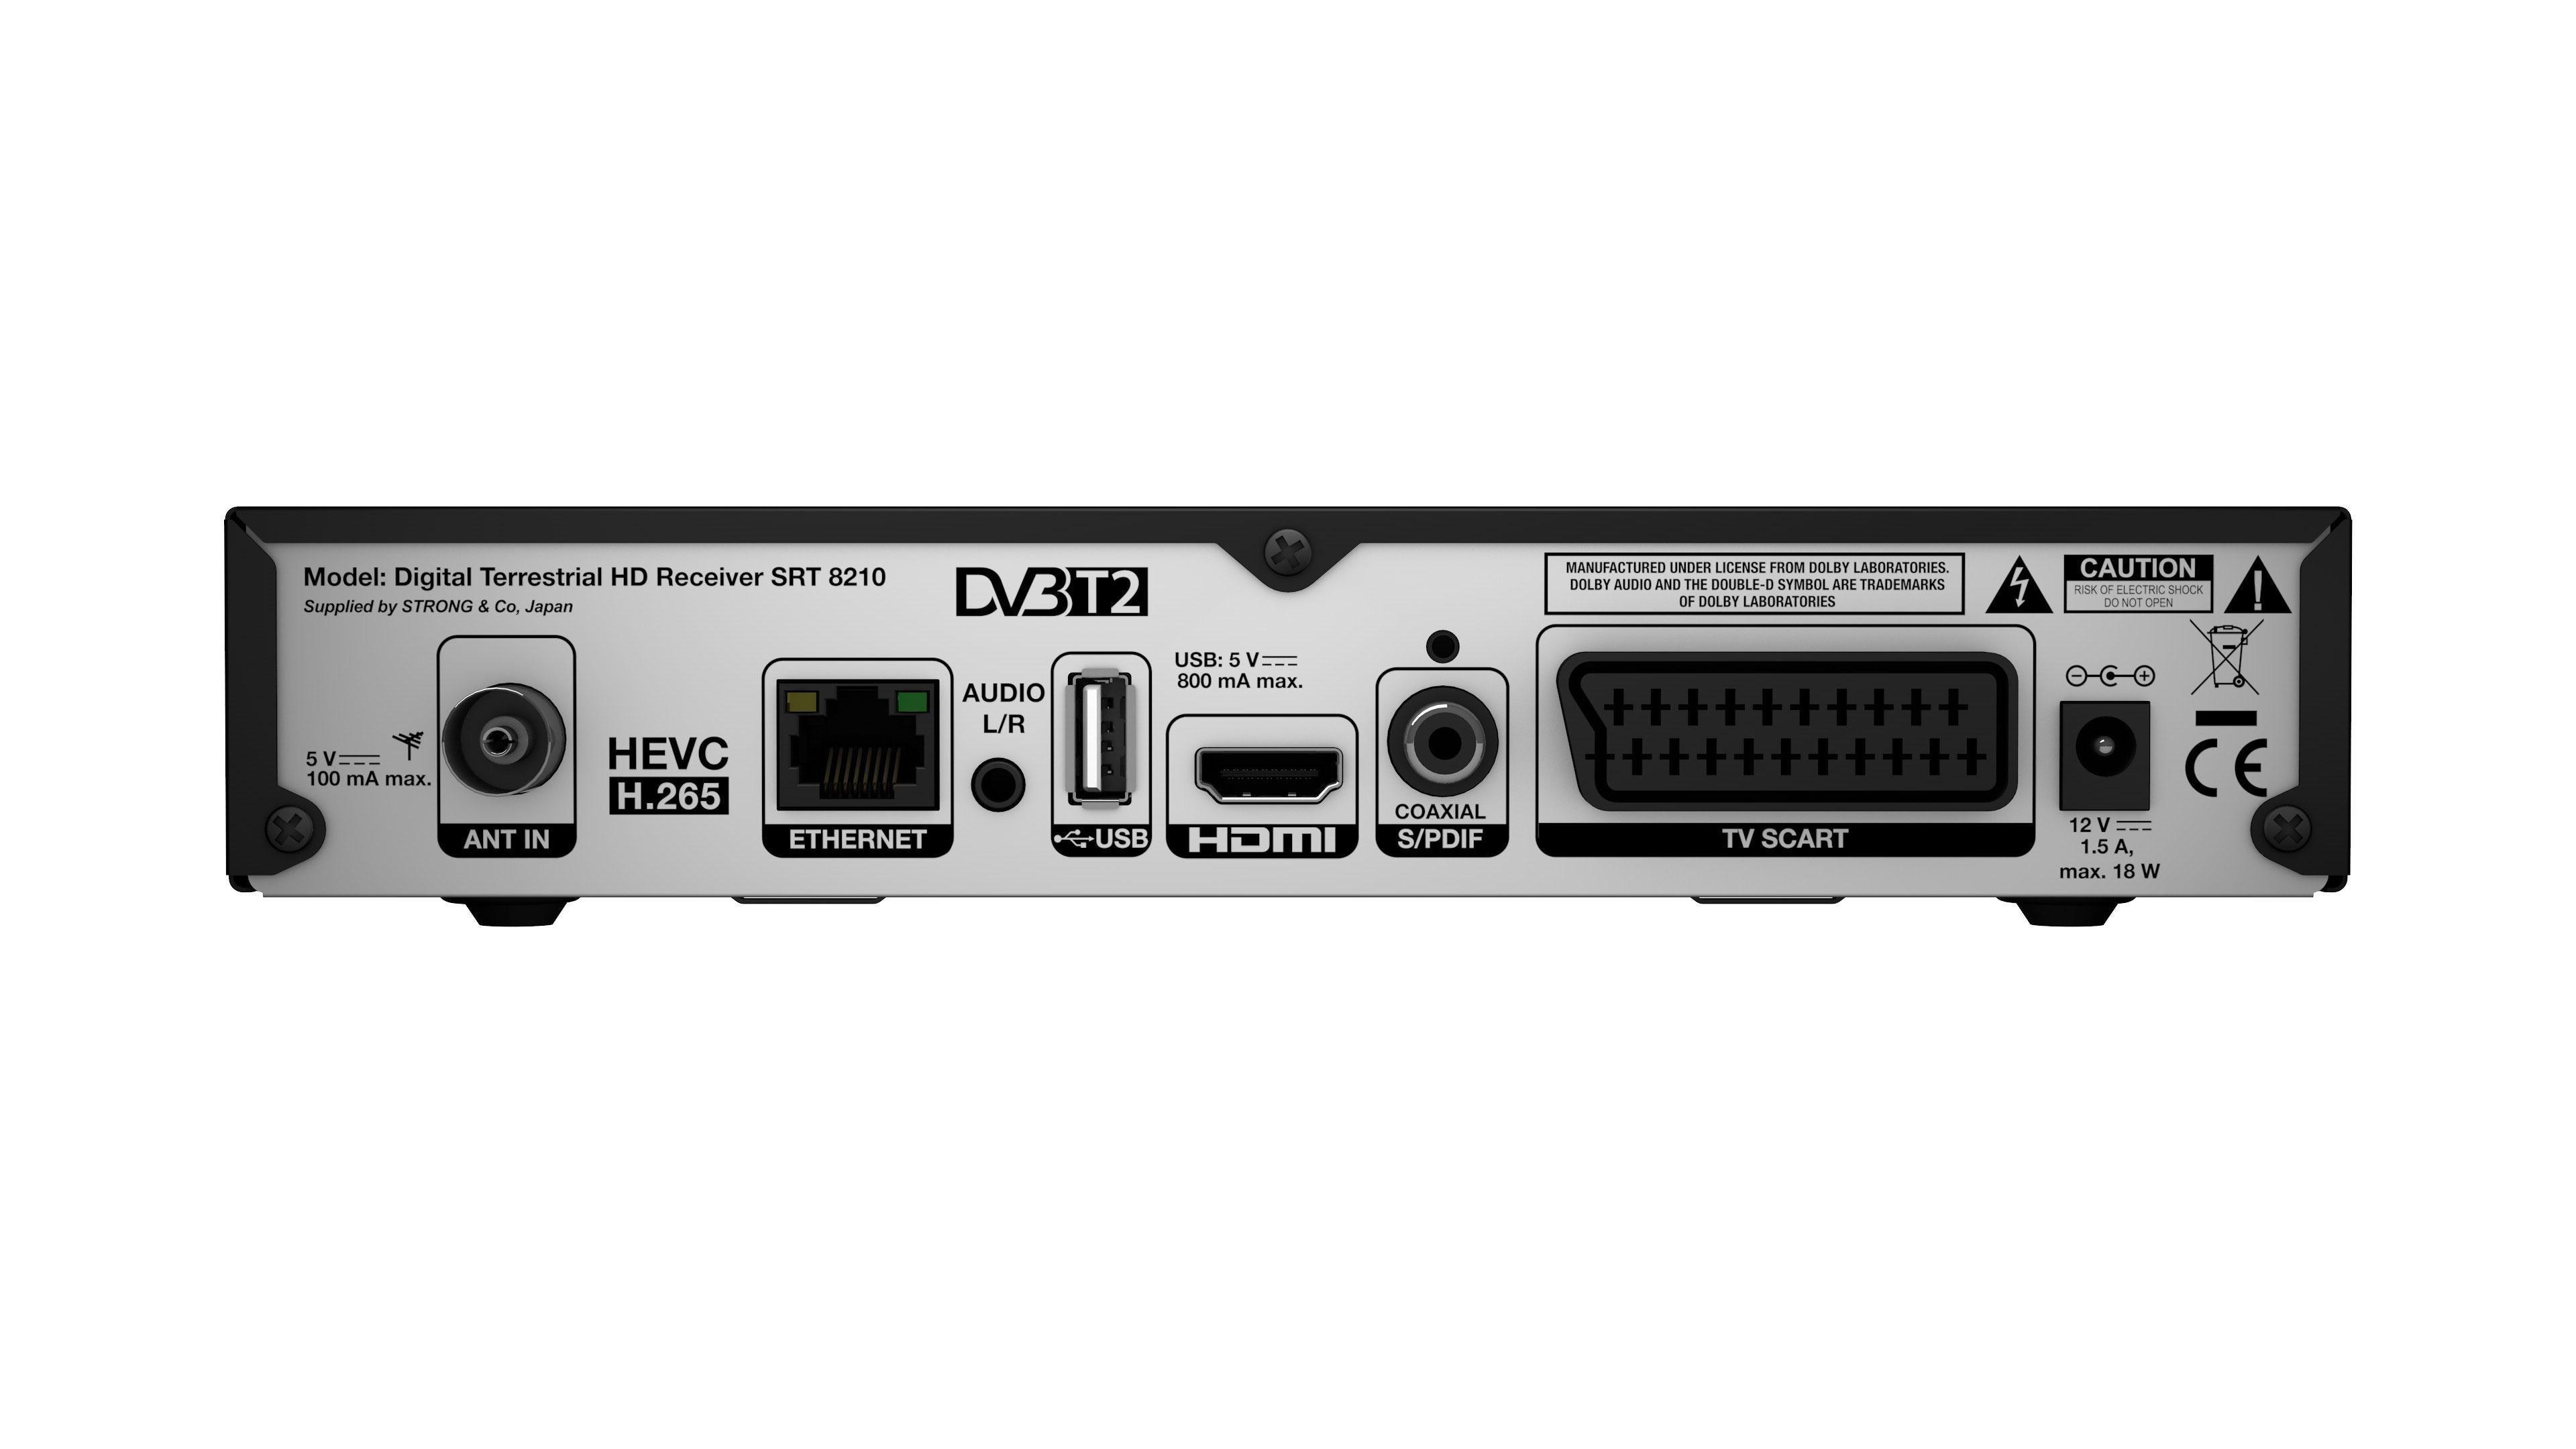 STRONG SRT 8210 ECO Digitaler terrestrischer HD Receiver